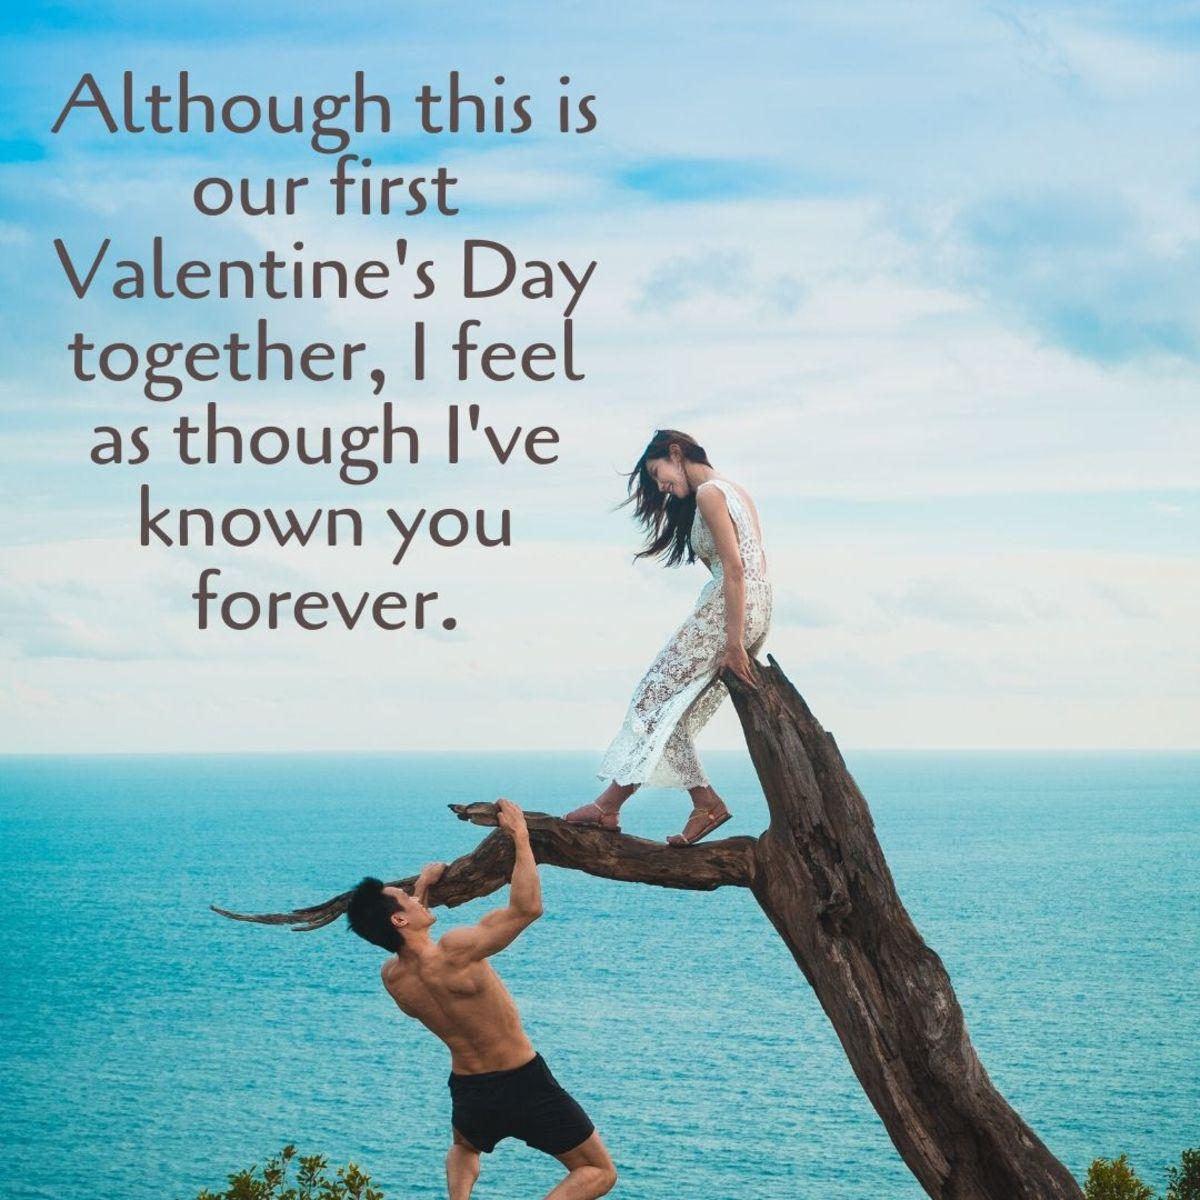 Wife to valentine note Valentines Day